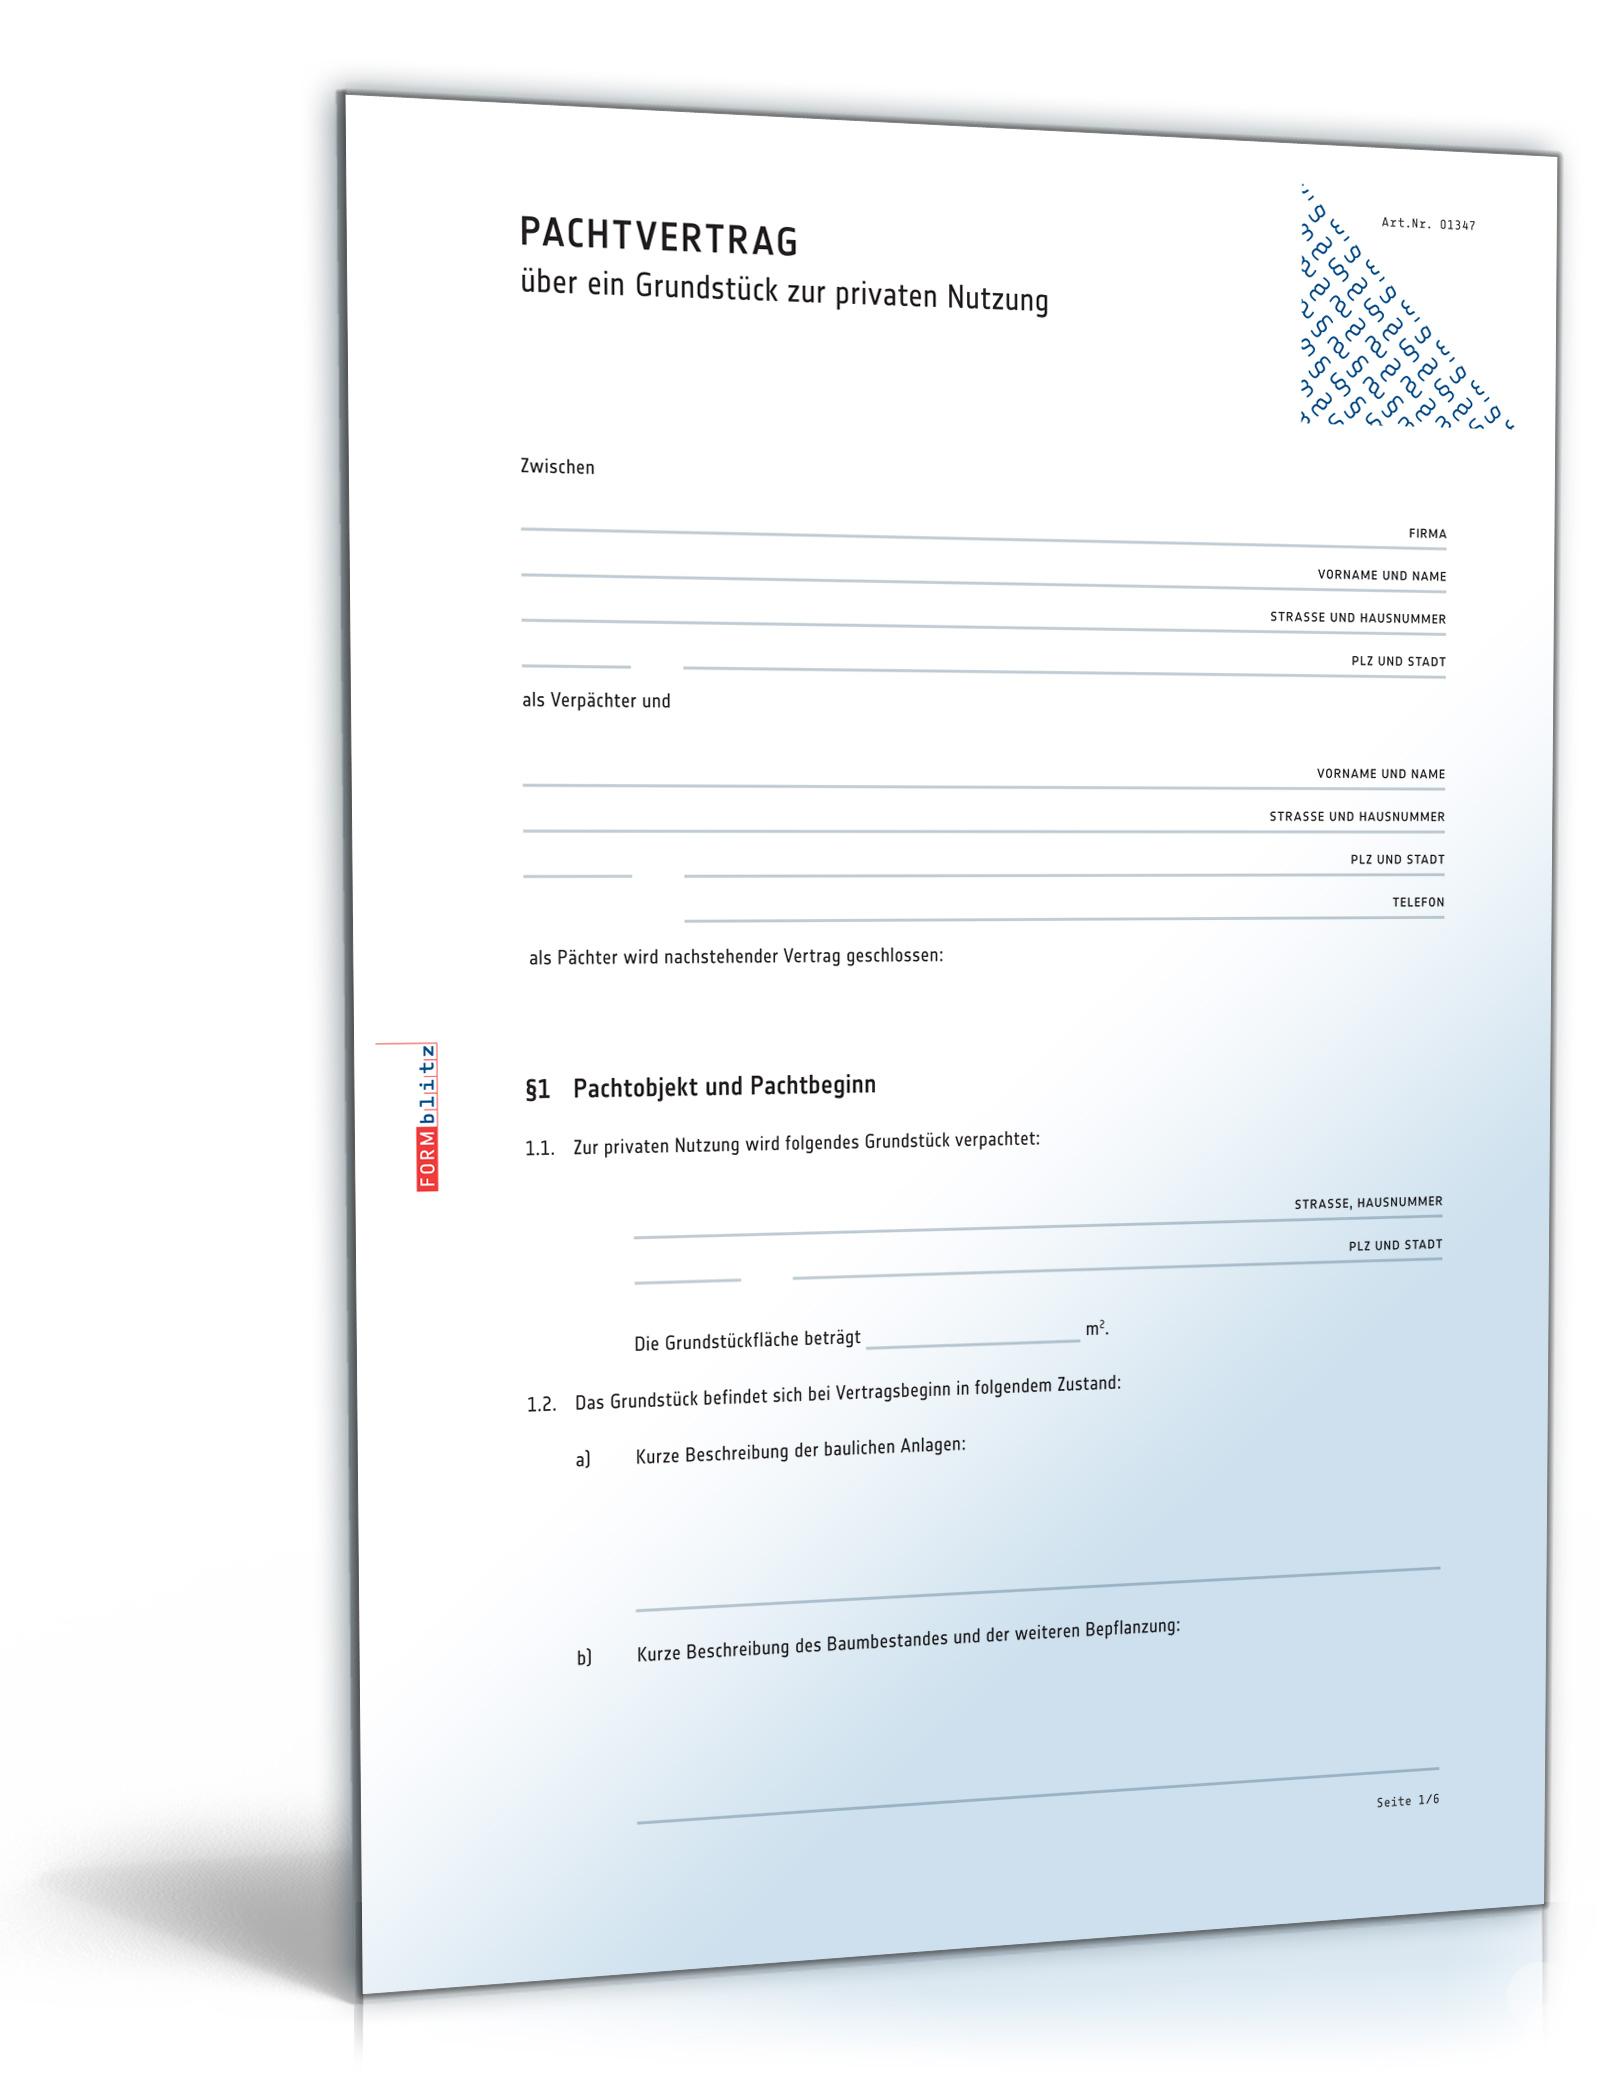 Pachtvertrag Grundstück (PDF) [Download]